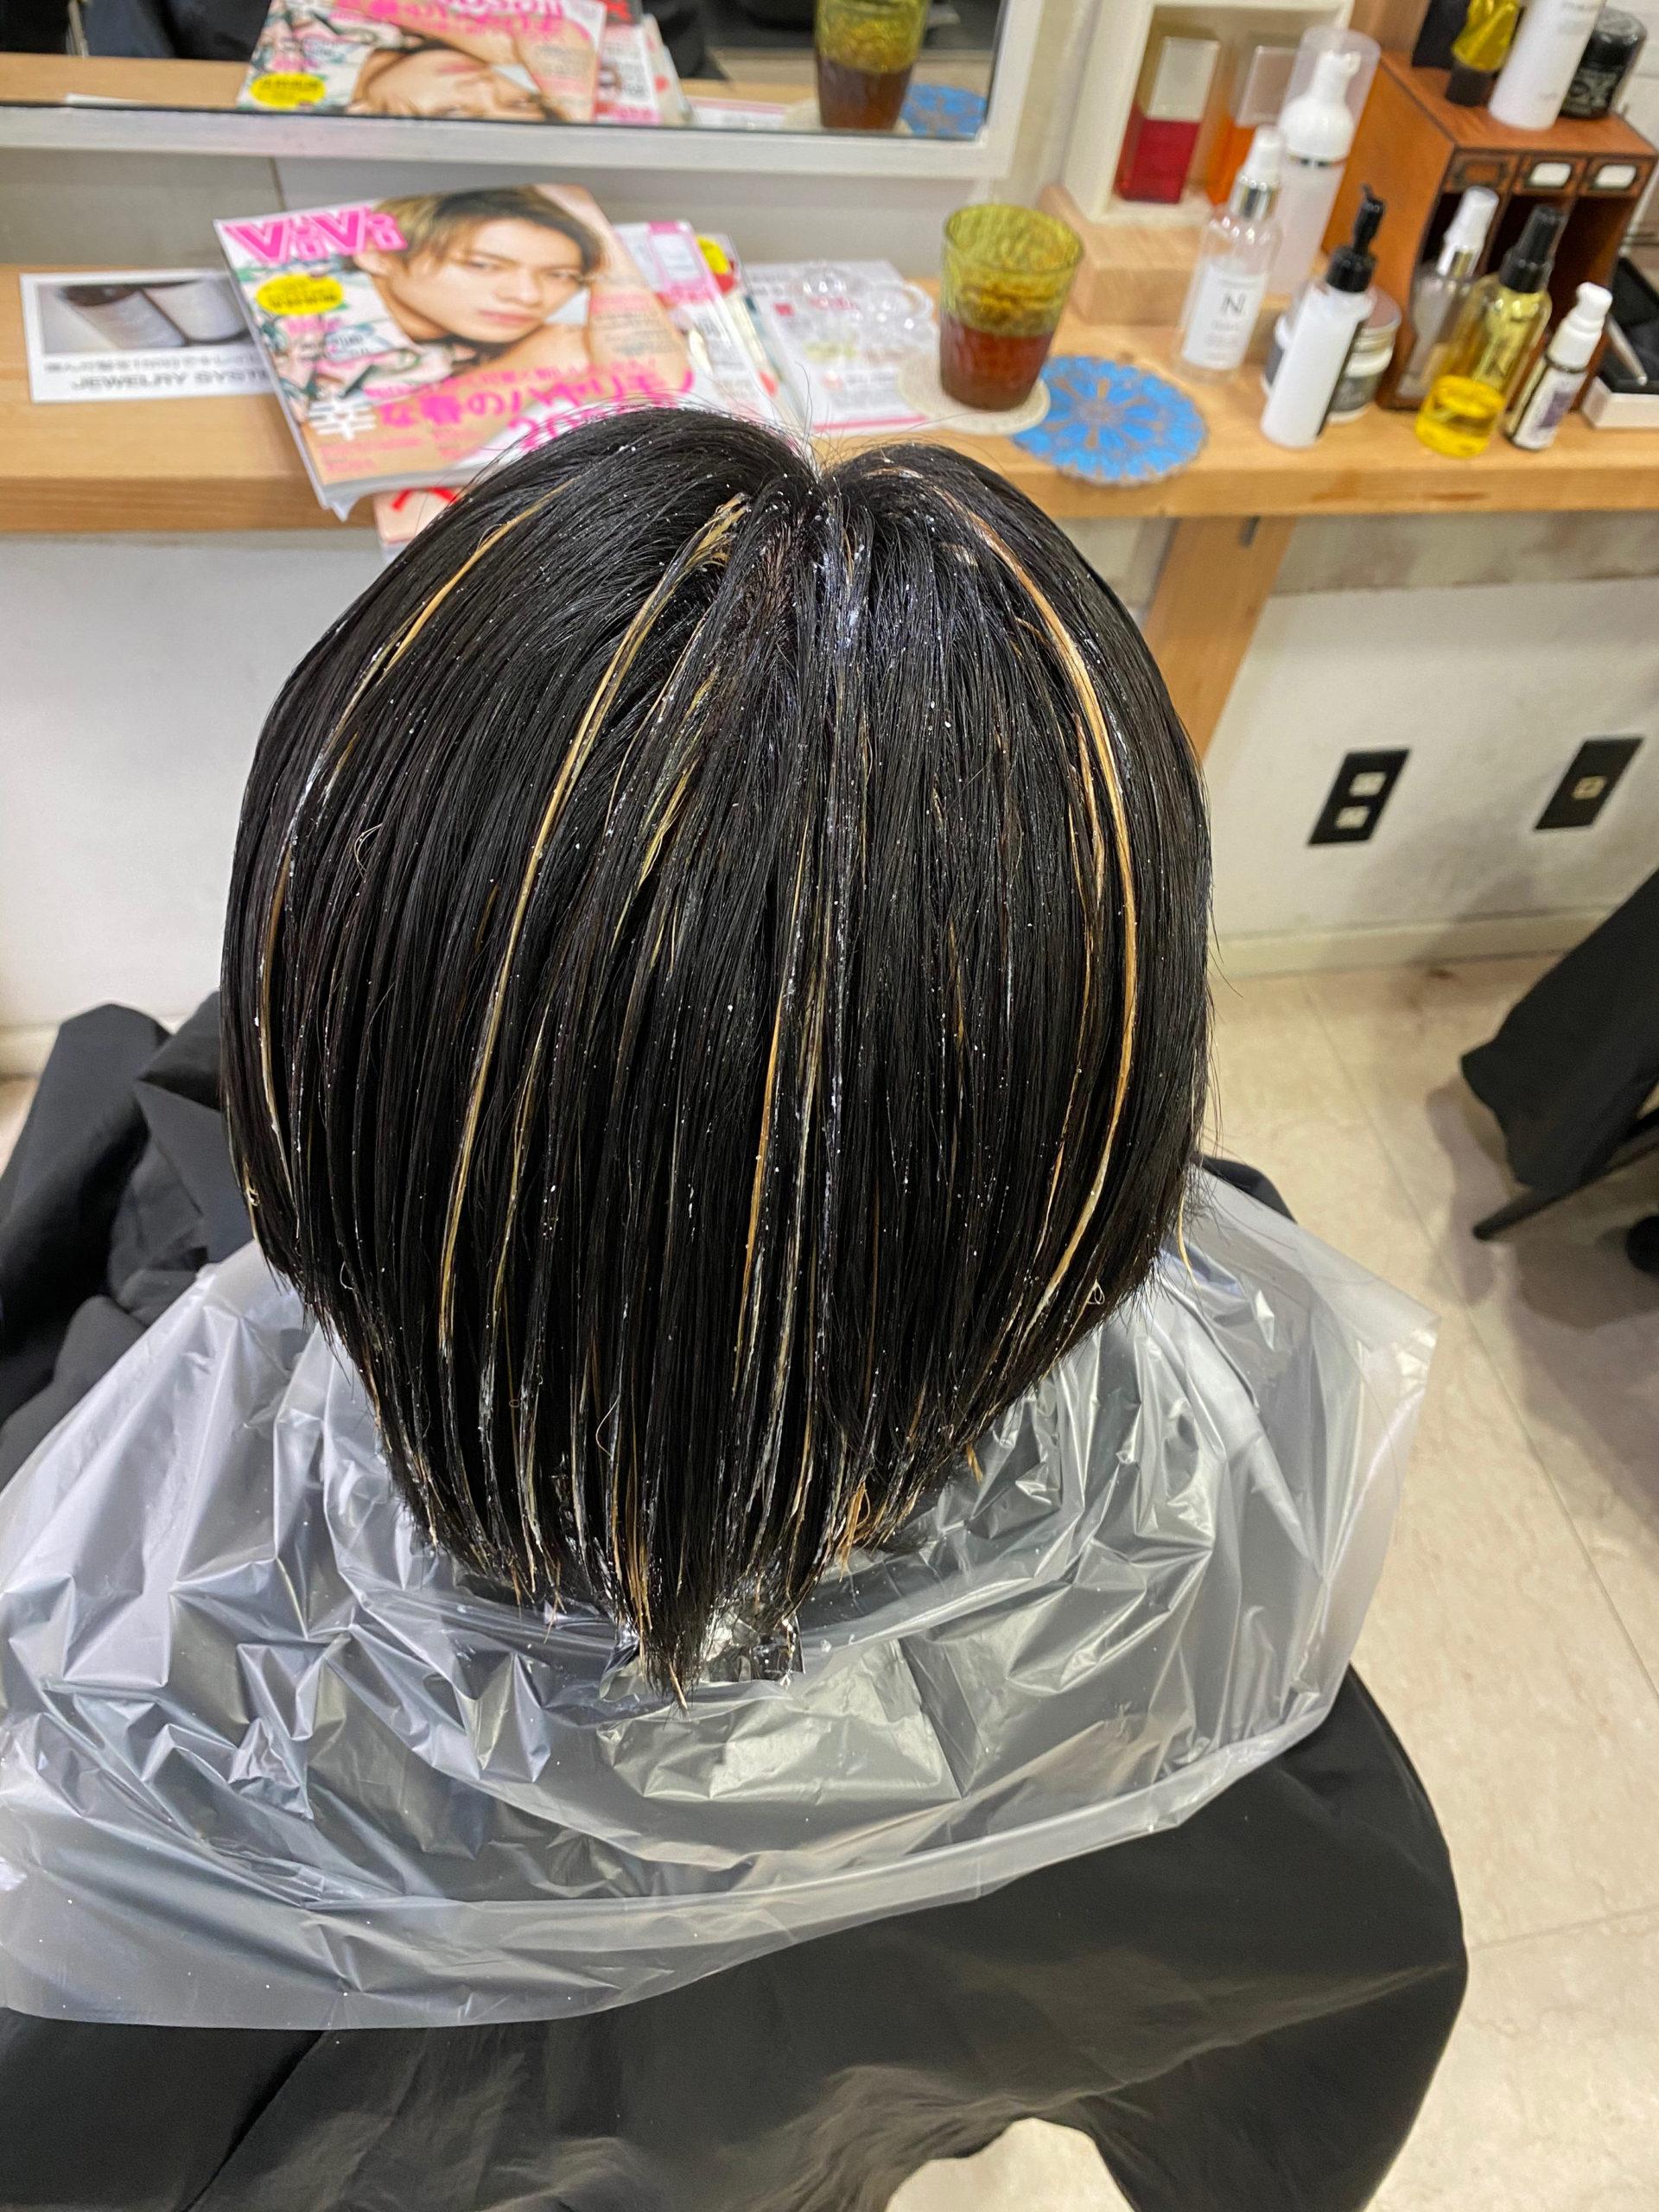 【黒髪卒業式】でハイライトカラーとオレオルカラーで艶髪ショートヘア。原宿・表参道『髪のお悩みを解決するヘアケア美容師の挑戦』